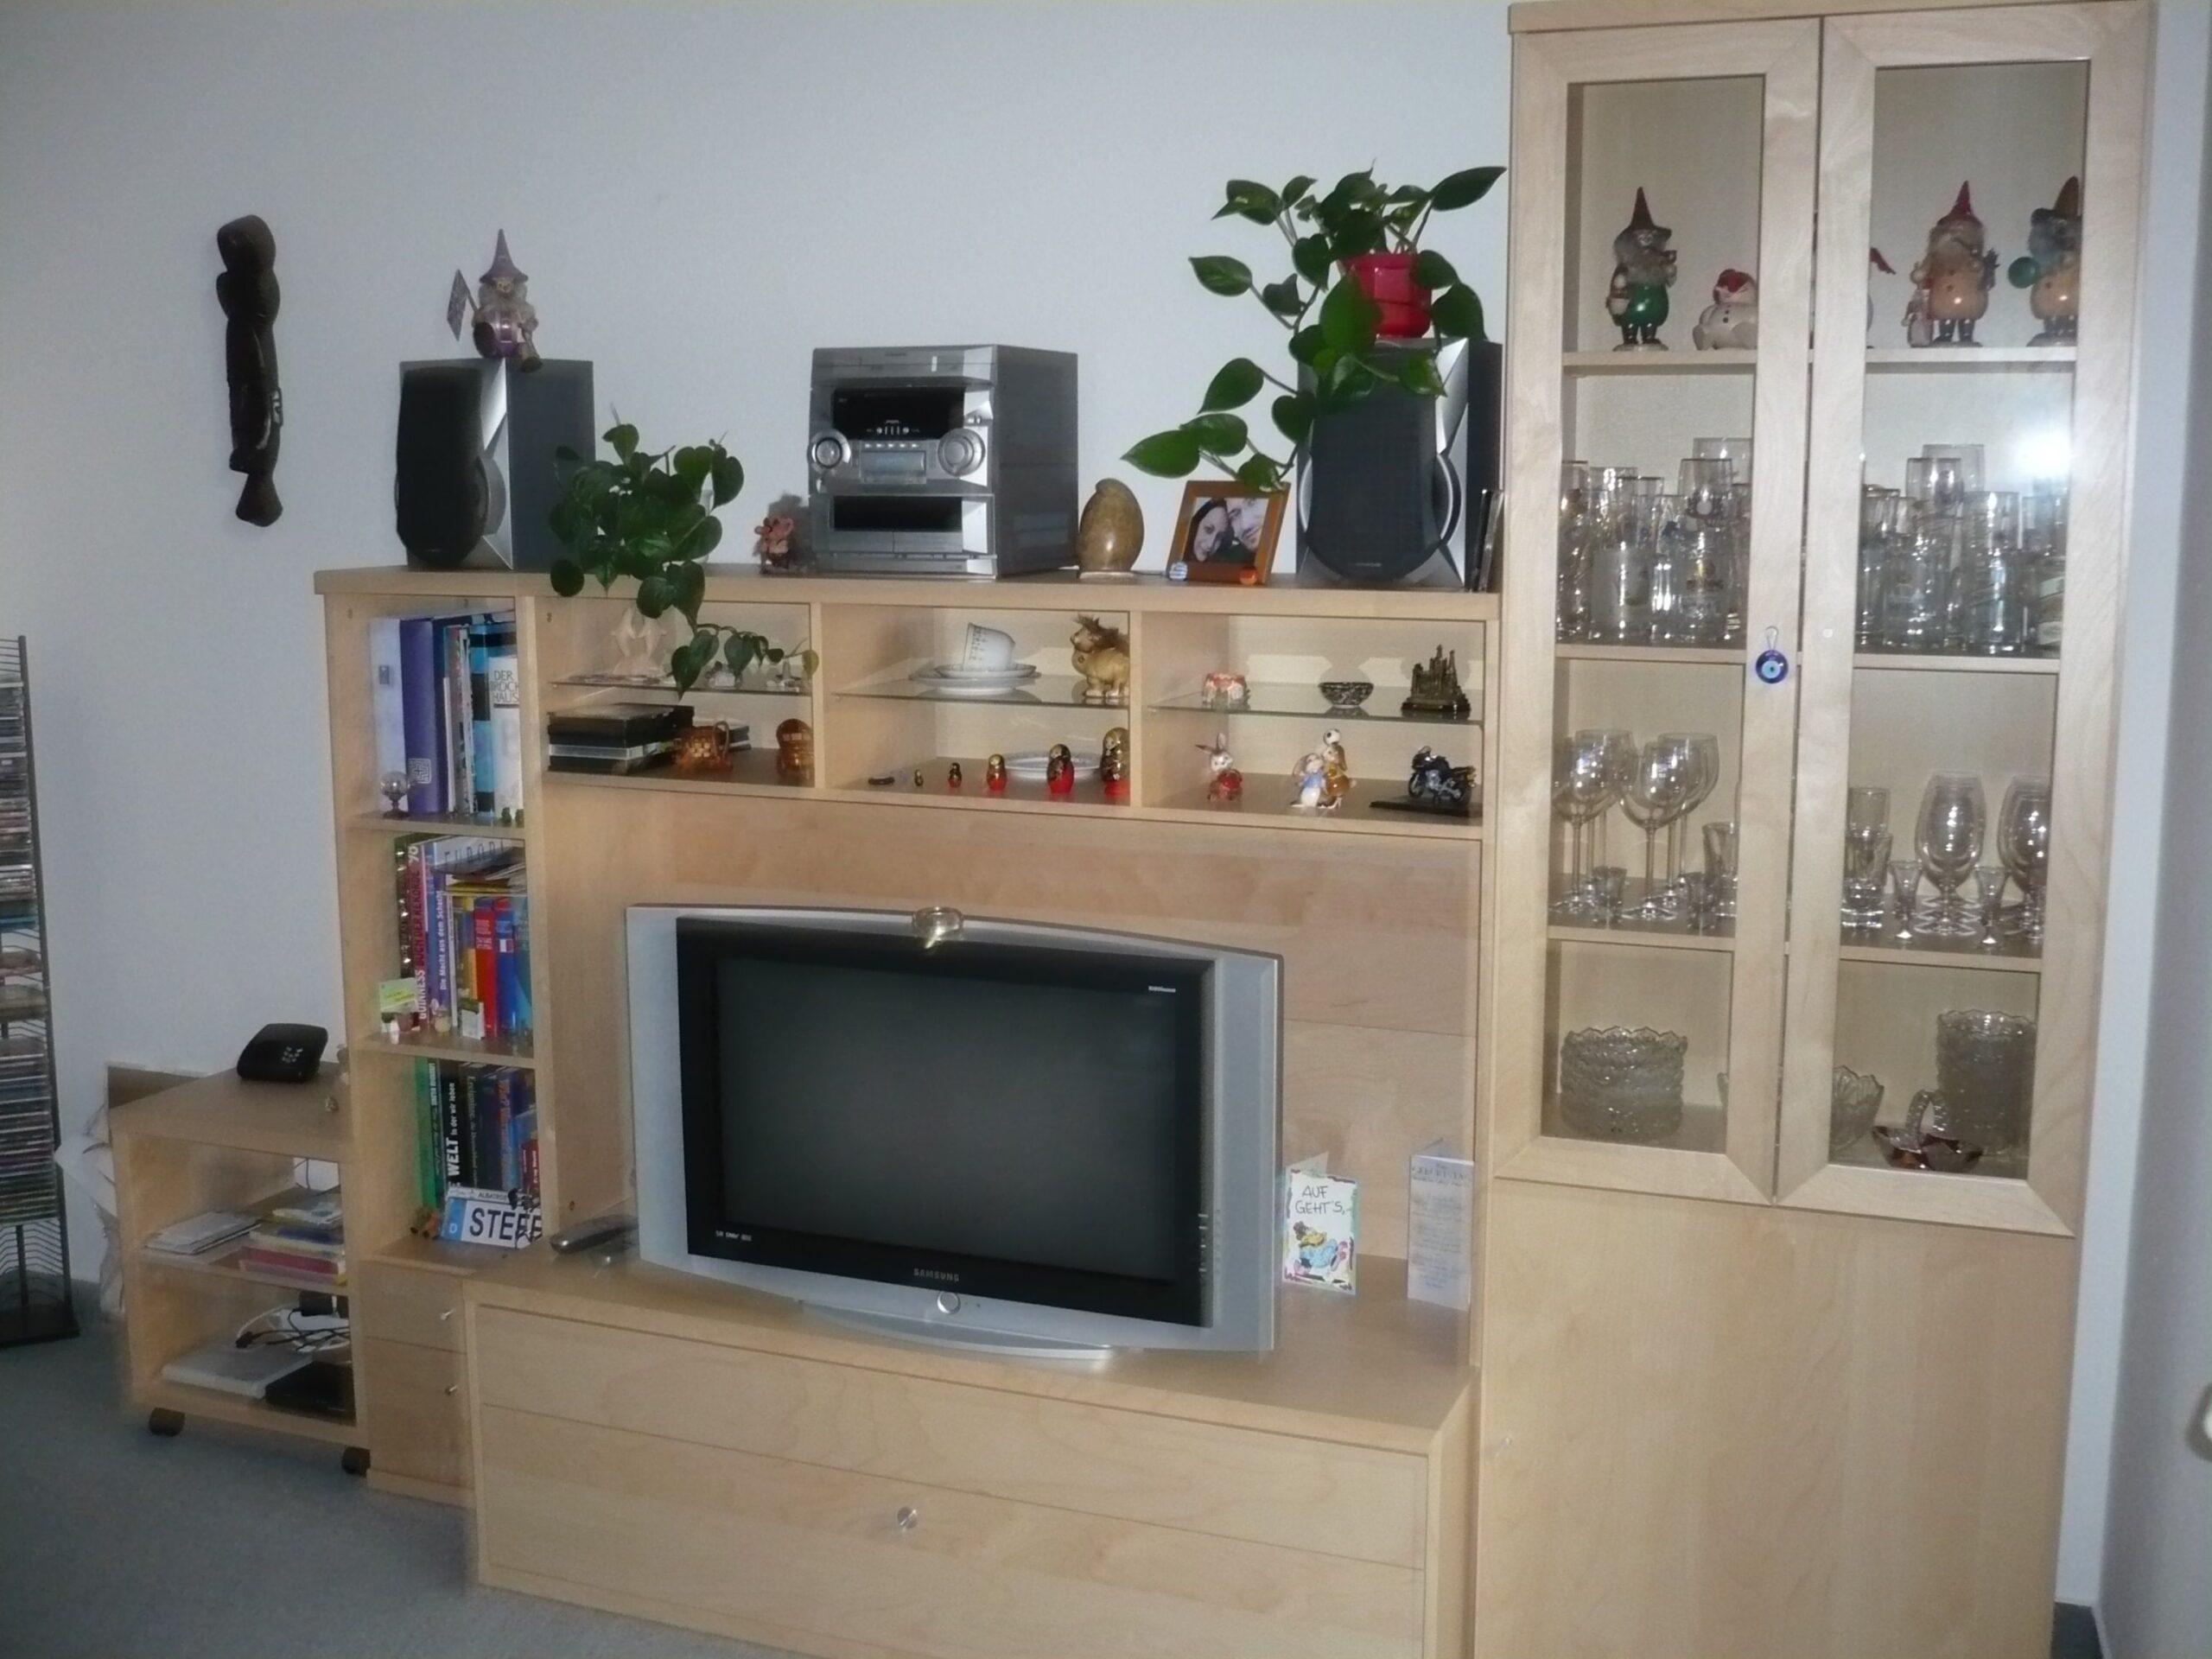 Full Size of Schrnke Bei Ikea Wohnzimmer Nazarm Neu Küche Kosten Betten 160x200 Modulküche Miniküche Kaufen Sofa Mit Schlaffunktion Wohnzimmer Wohnzimmerschränke Ikea